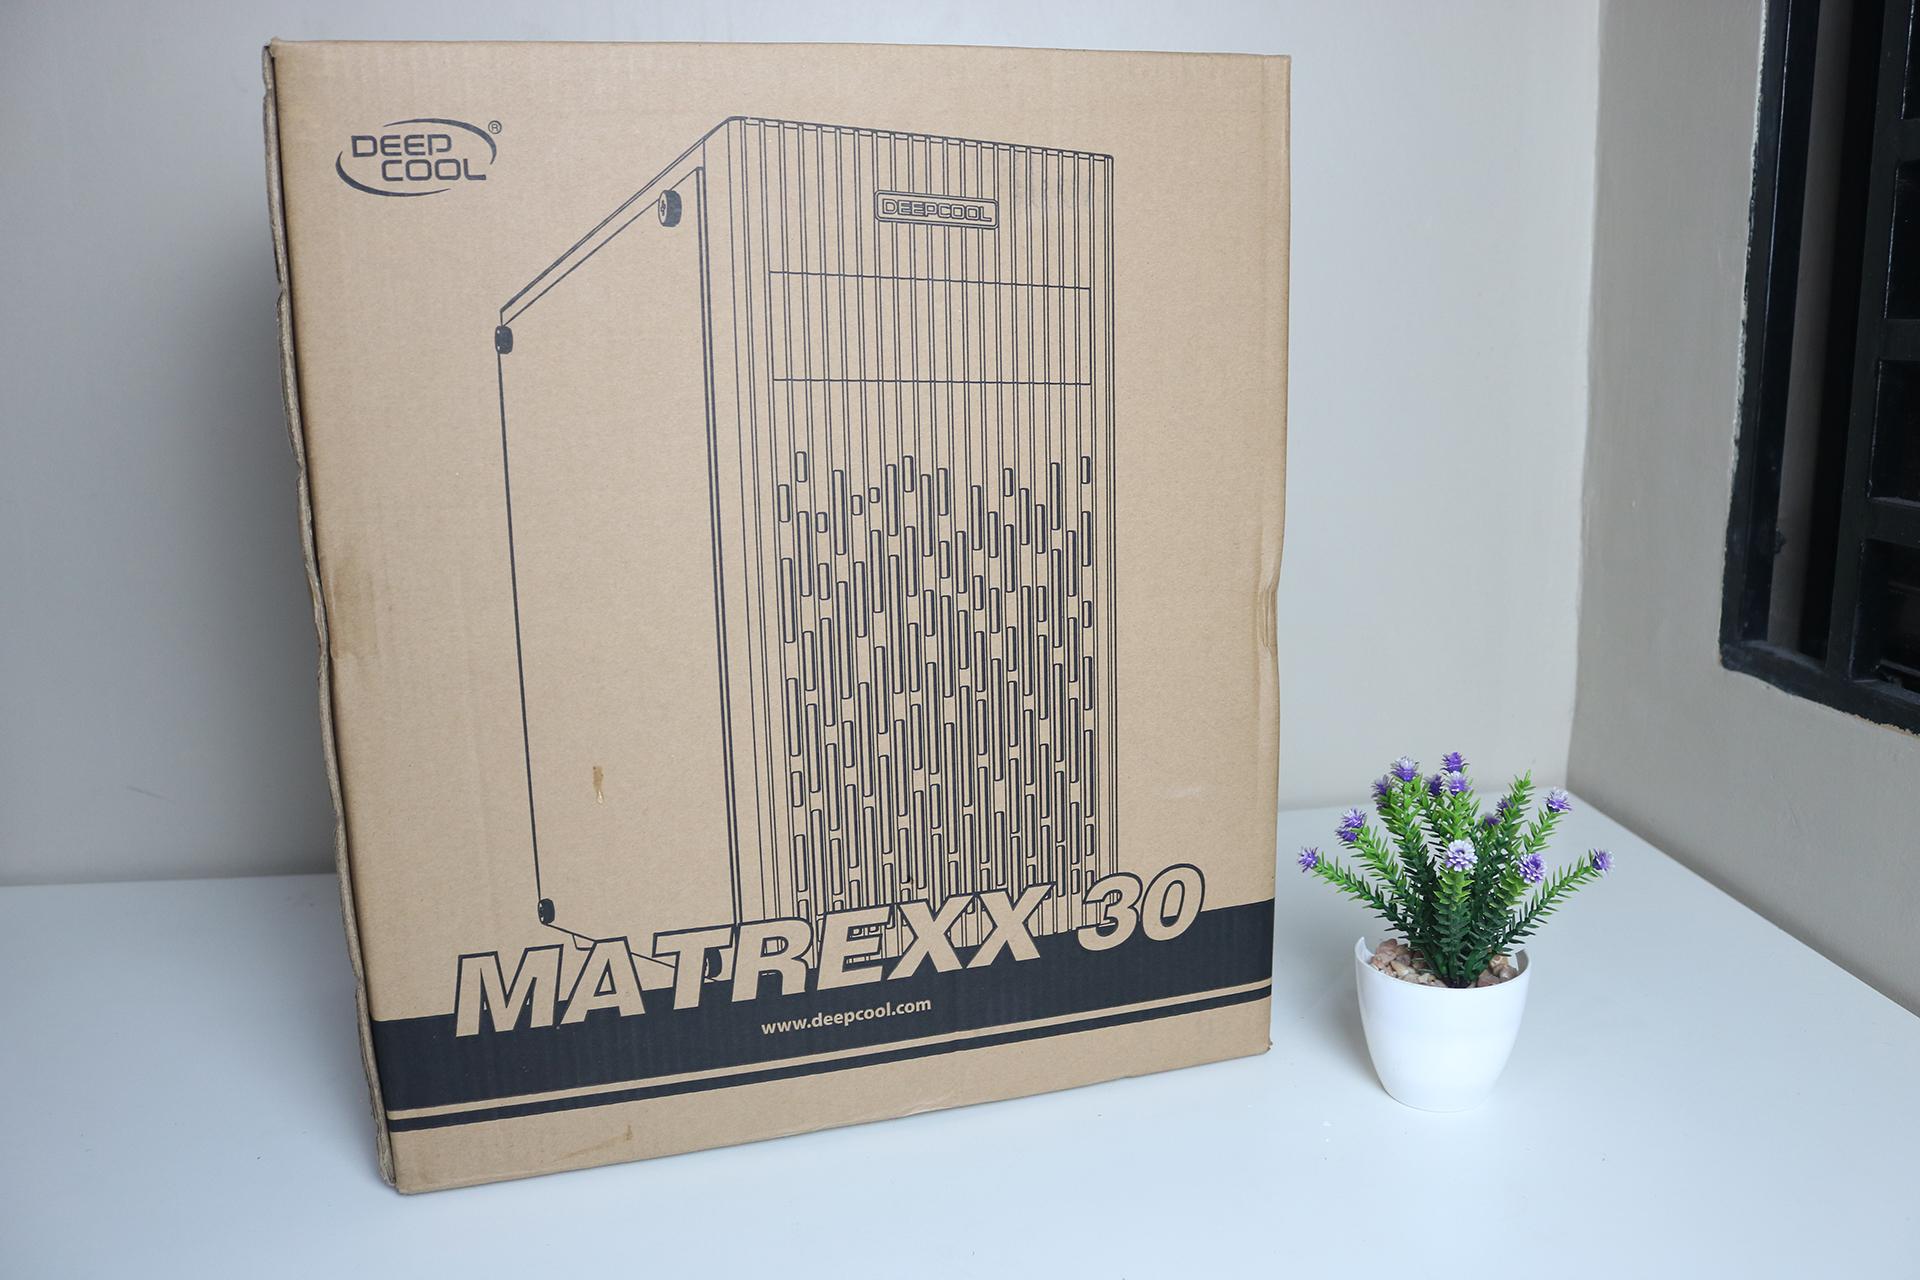 Deepcool Matrexx 30